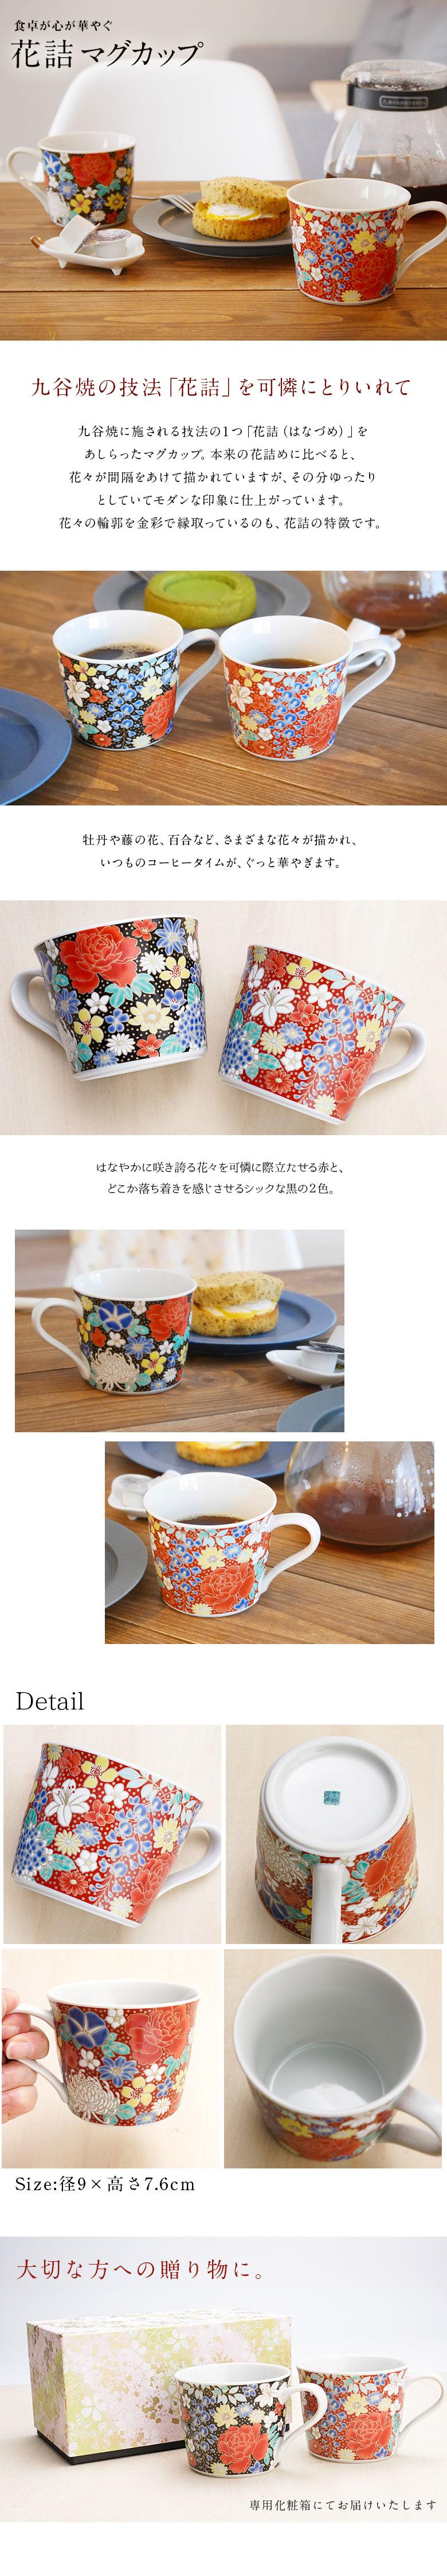 九谷焼 ペアマグカップ 花詰 赤 黒/青郊窯